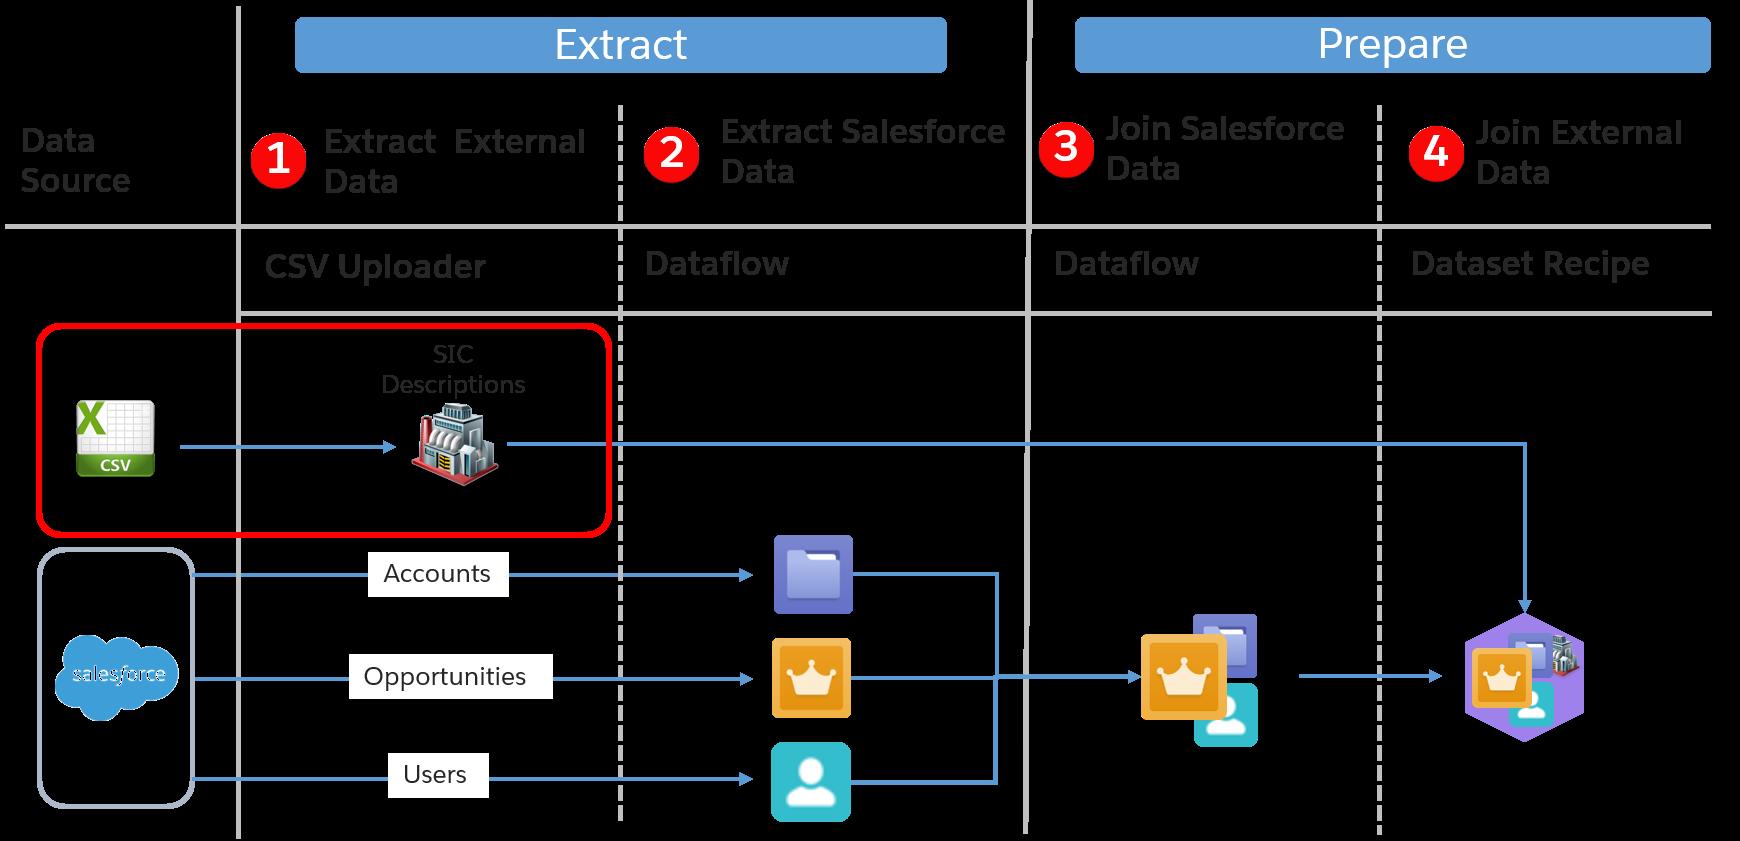 外部データ抽出プロセスが強調表示されているデータジャーニーマップ